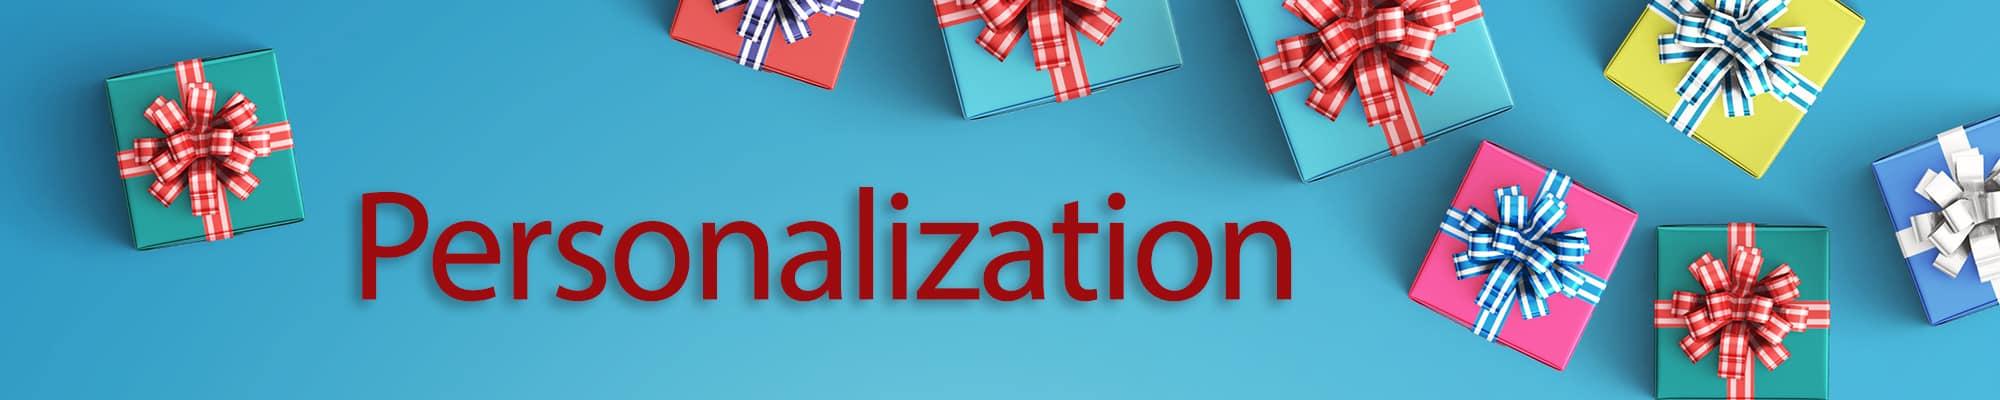 Personalization image